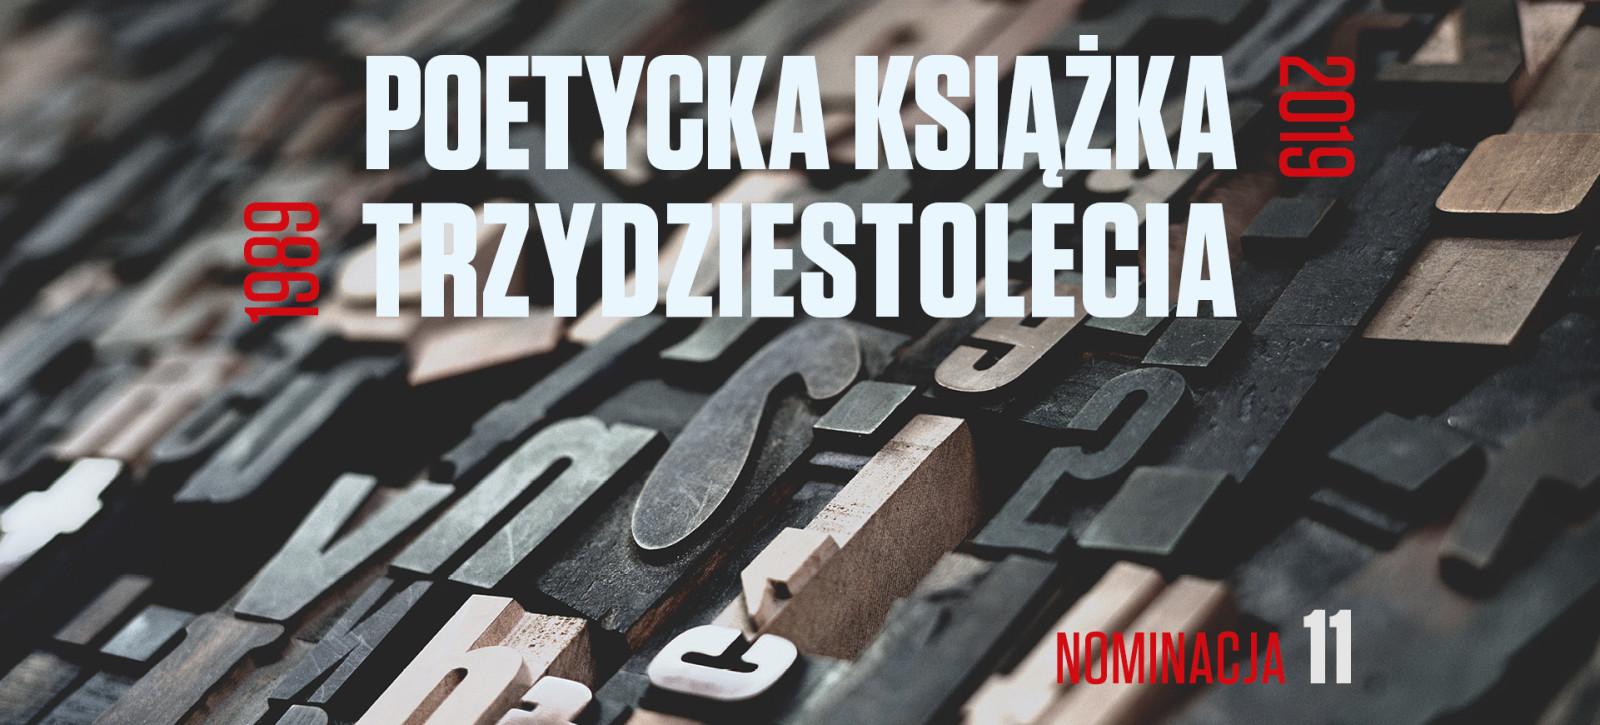 16_DEBATY__Rafał WAWRZYŃCZYK__Poetycka książka trzydziestolecia